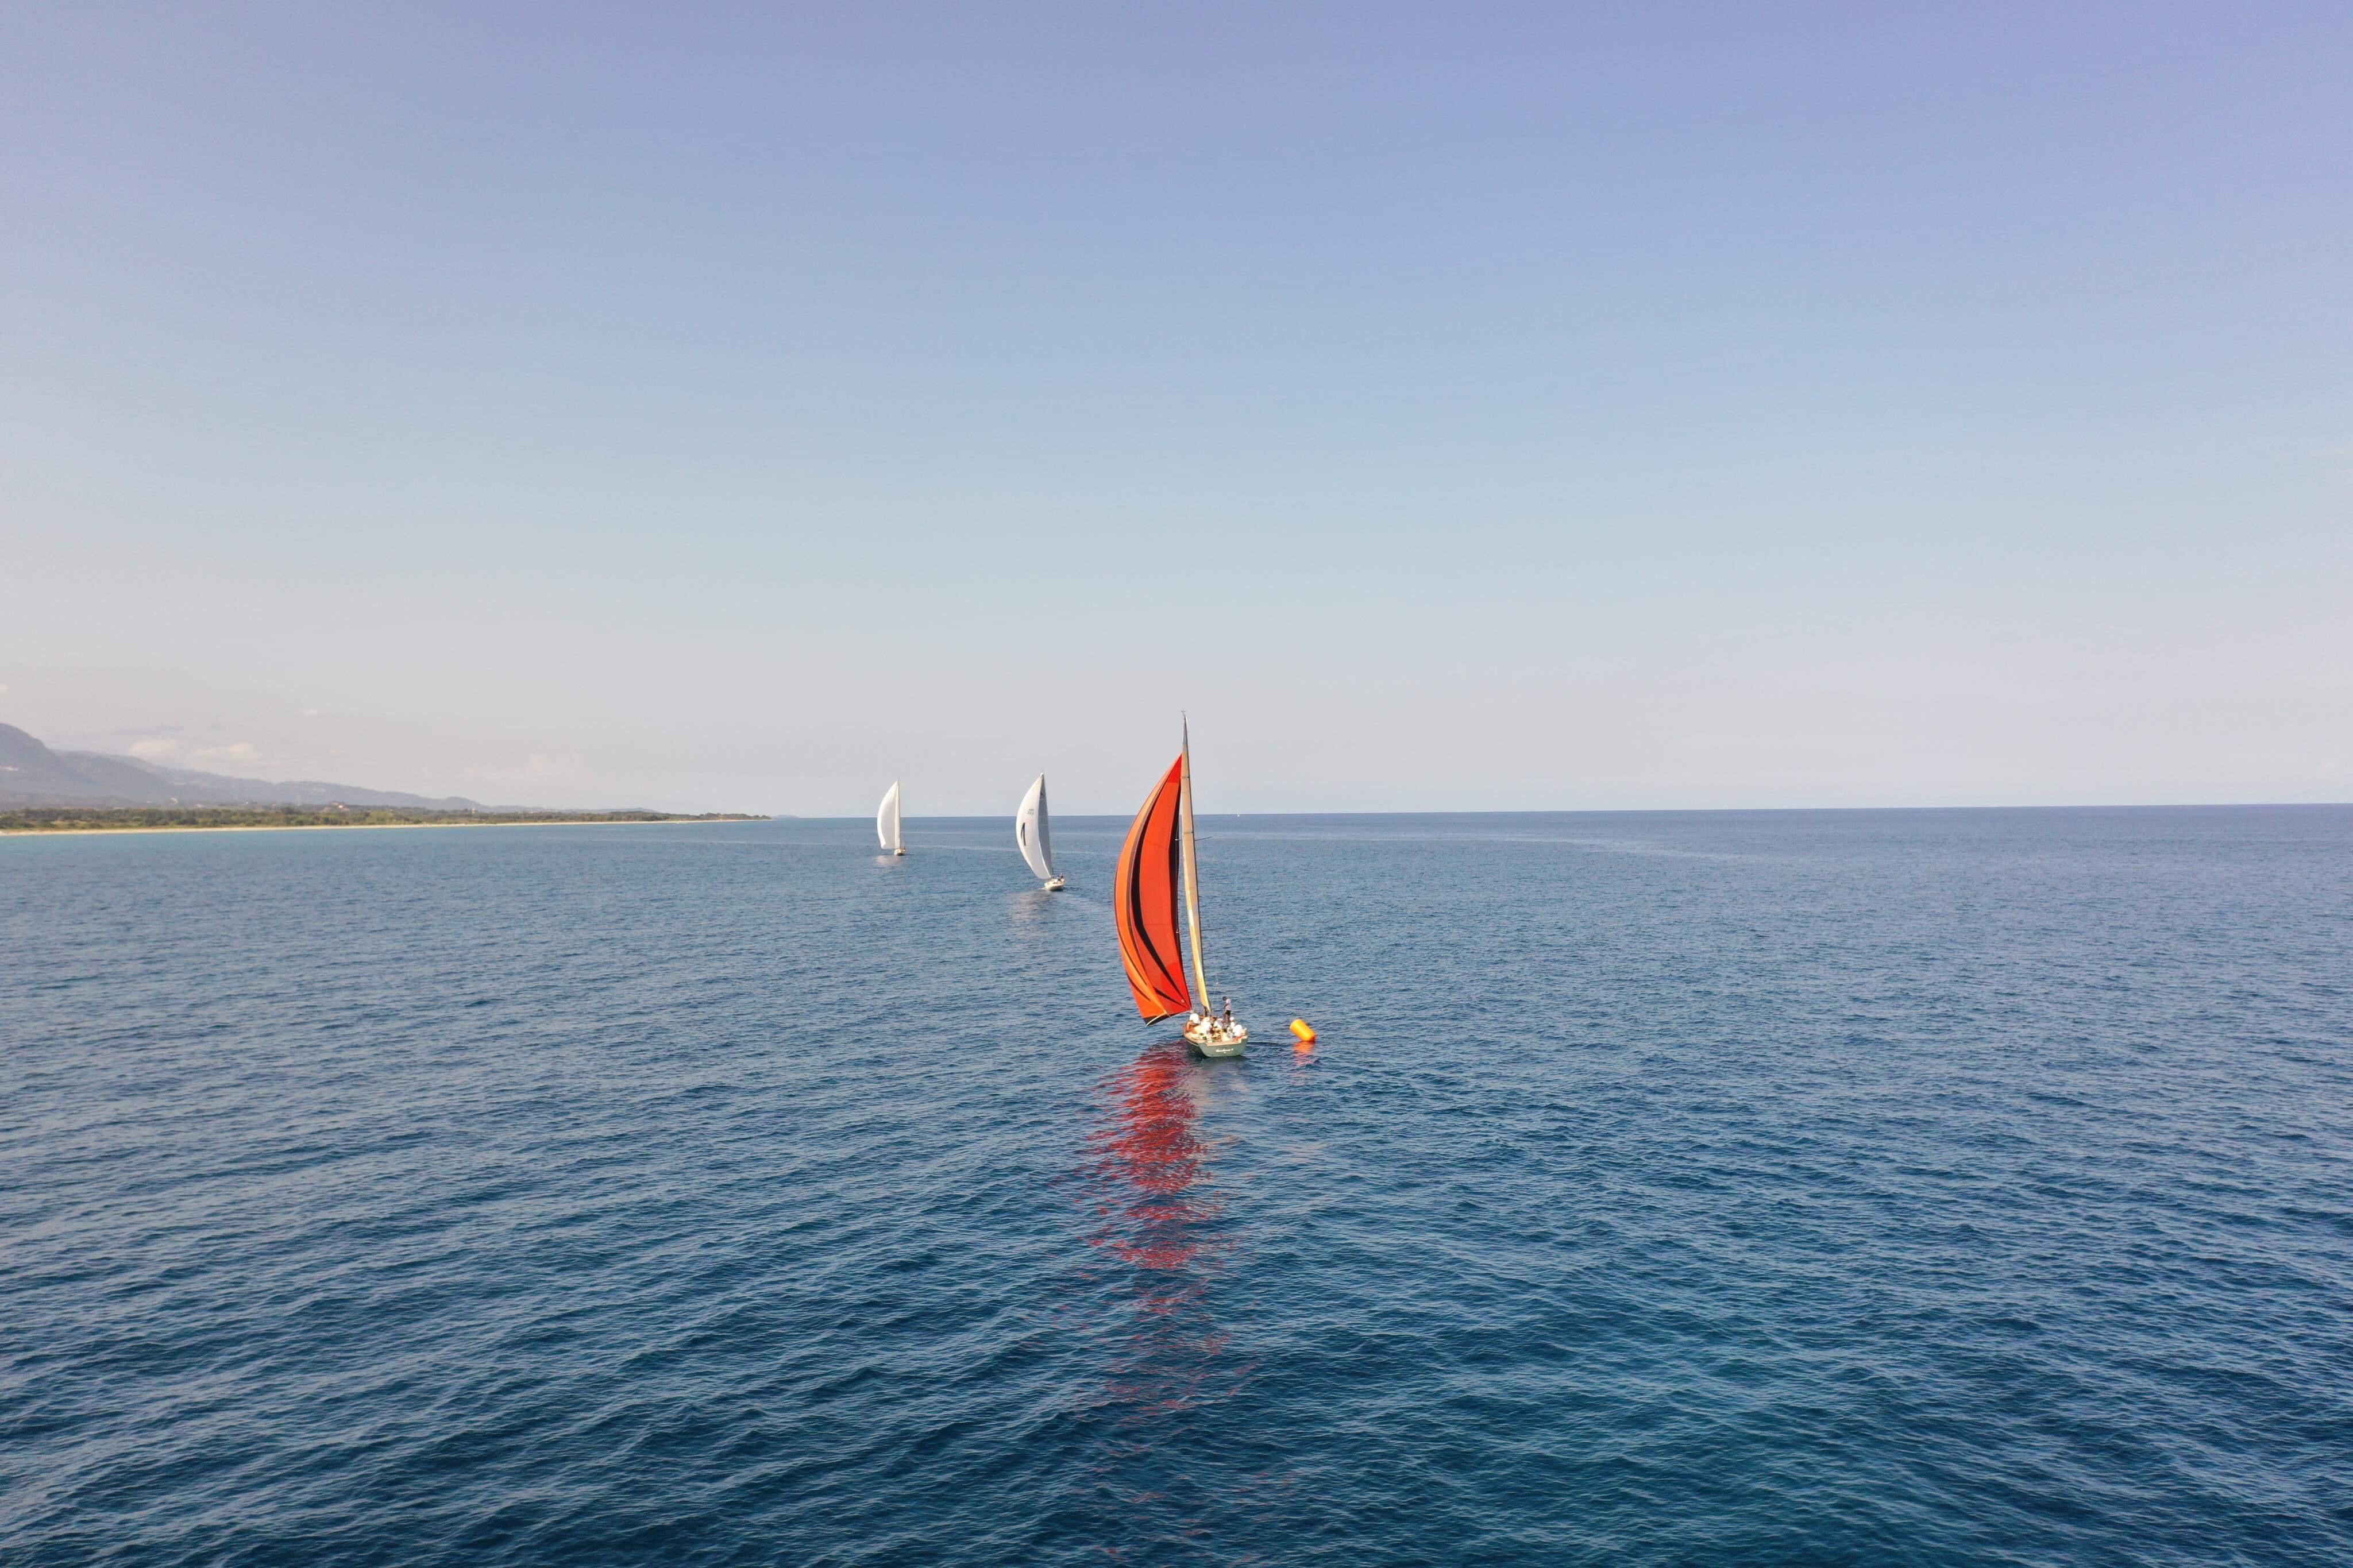 CC 2019 SY Hounbonne IV vs SY Quatre Quarts III vs SY Eileen Sari-Solenzara - Bastia photo JP Pyrée DR